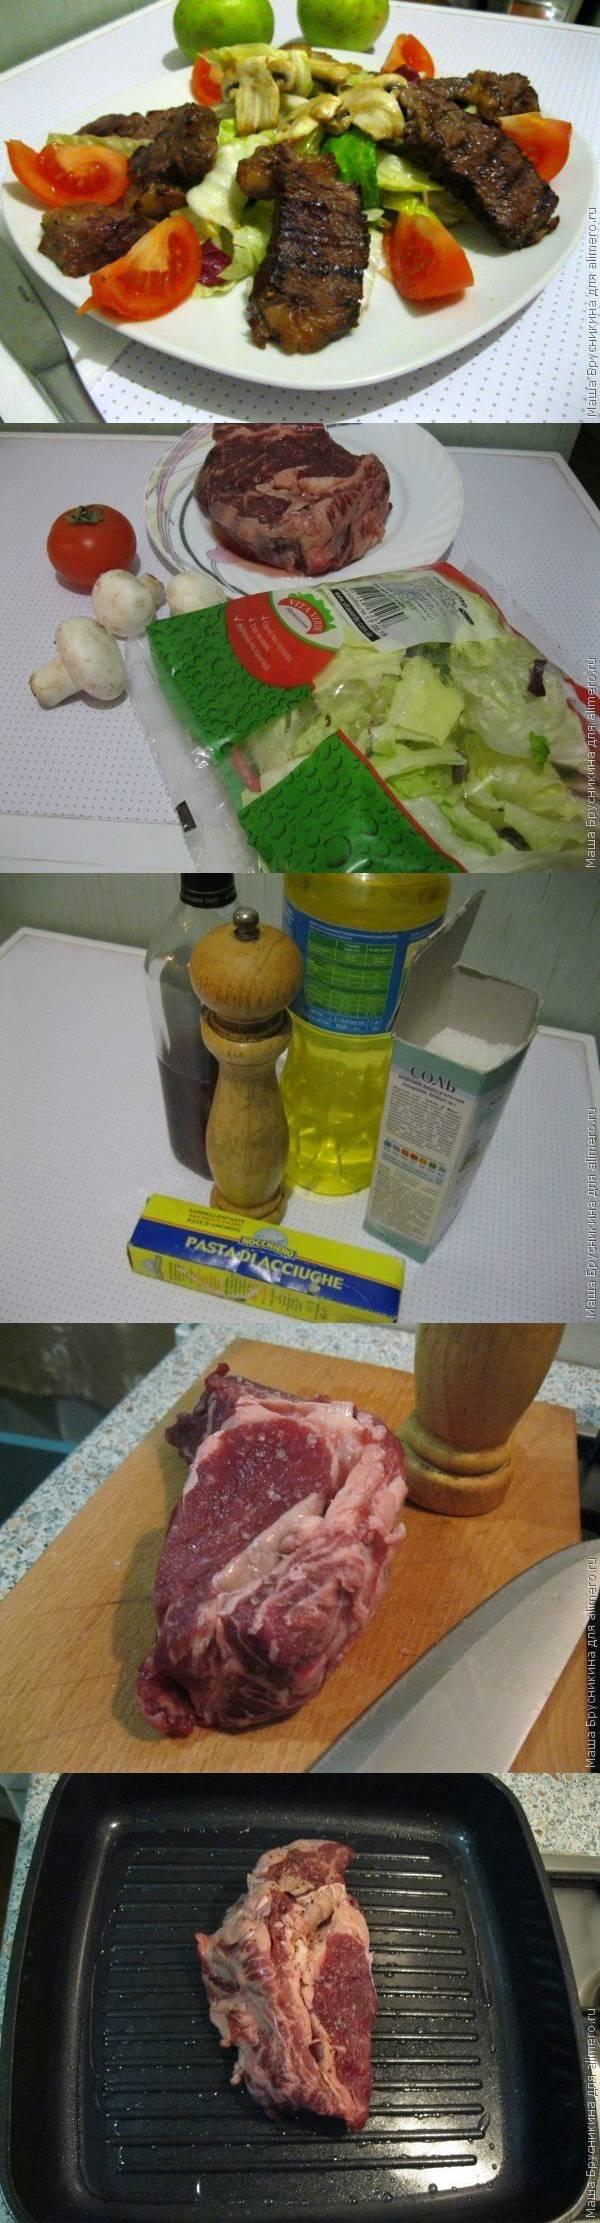 Салат с телятиной медиум велл